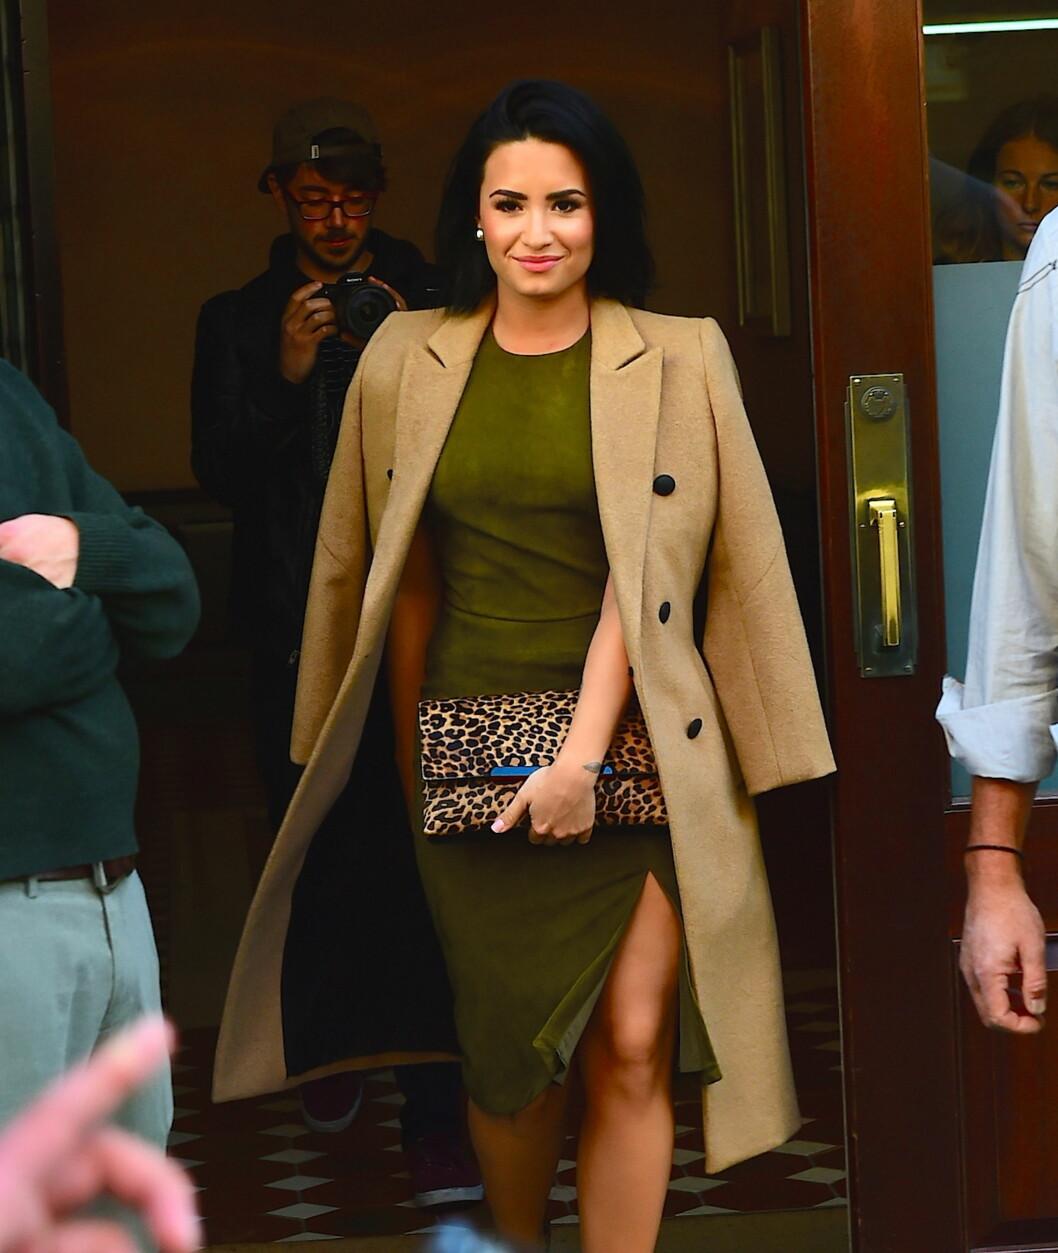 KAMELKÅPE: Popstjerne Demi Lovato ser fantastisk ut i dette lekre antrekket! Foto: Splash News